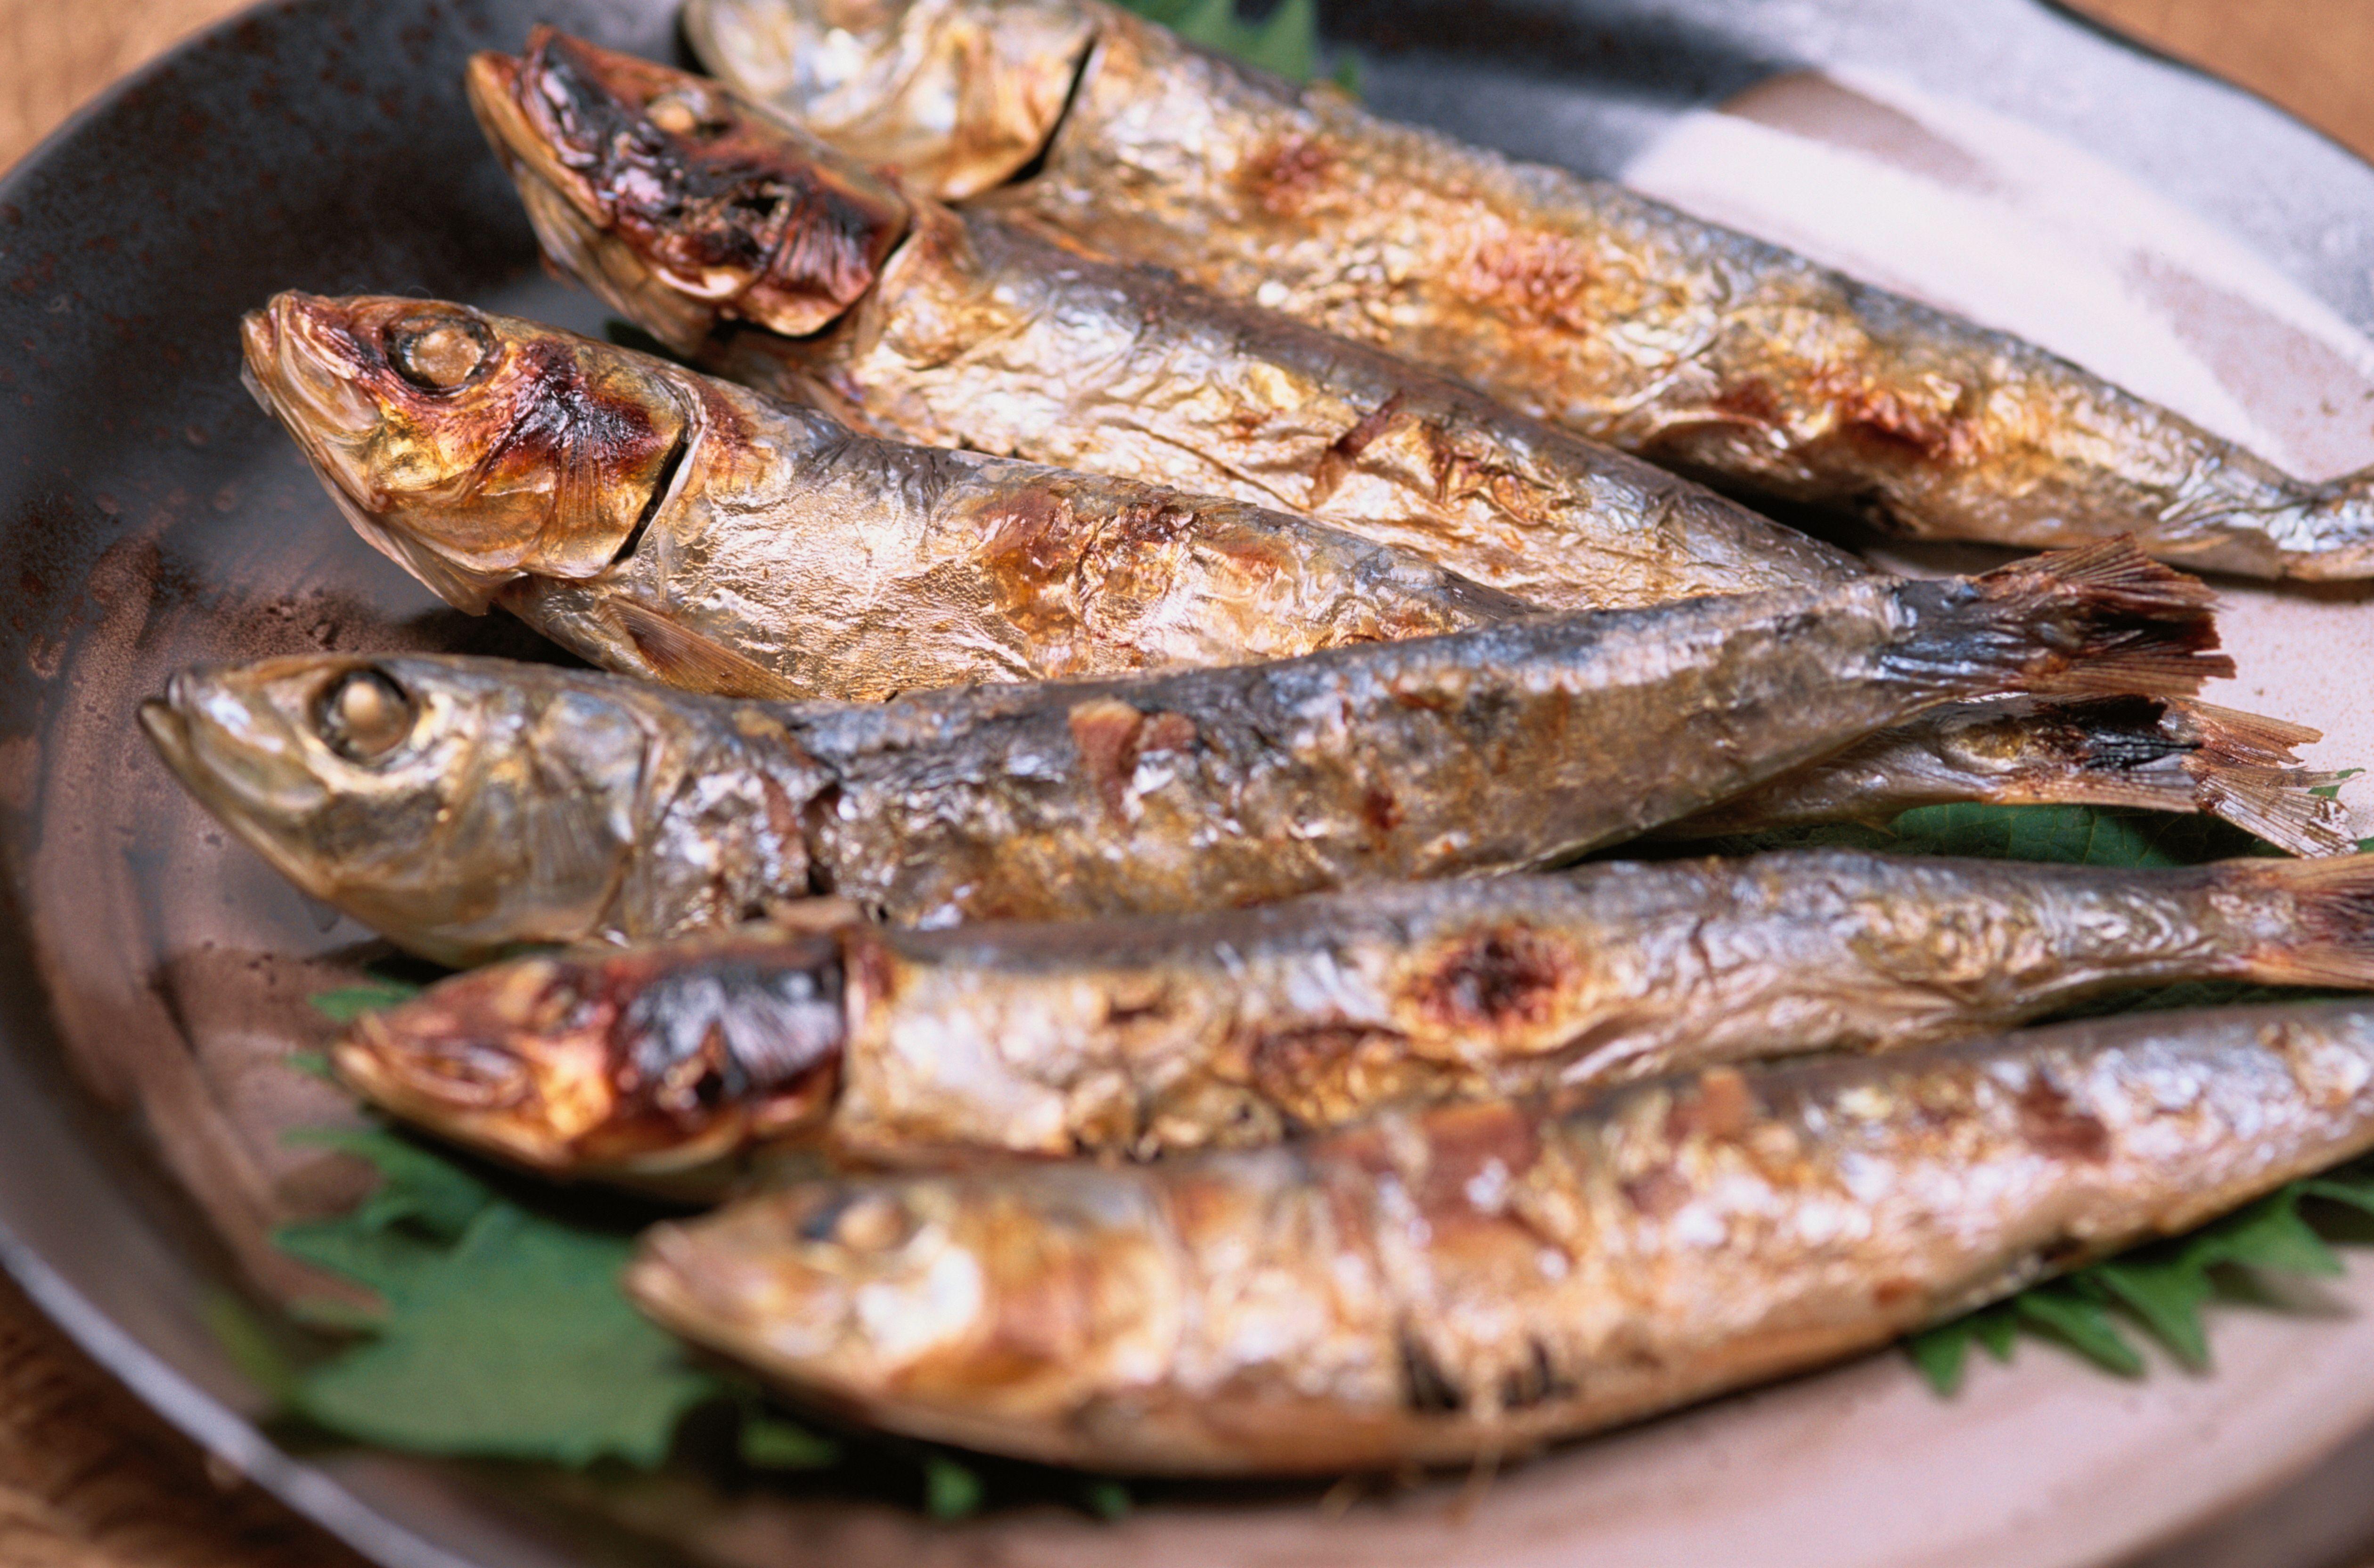 Baked Sardines On Plate